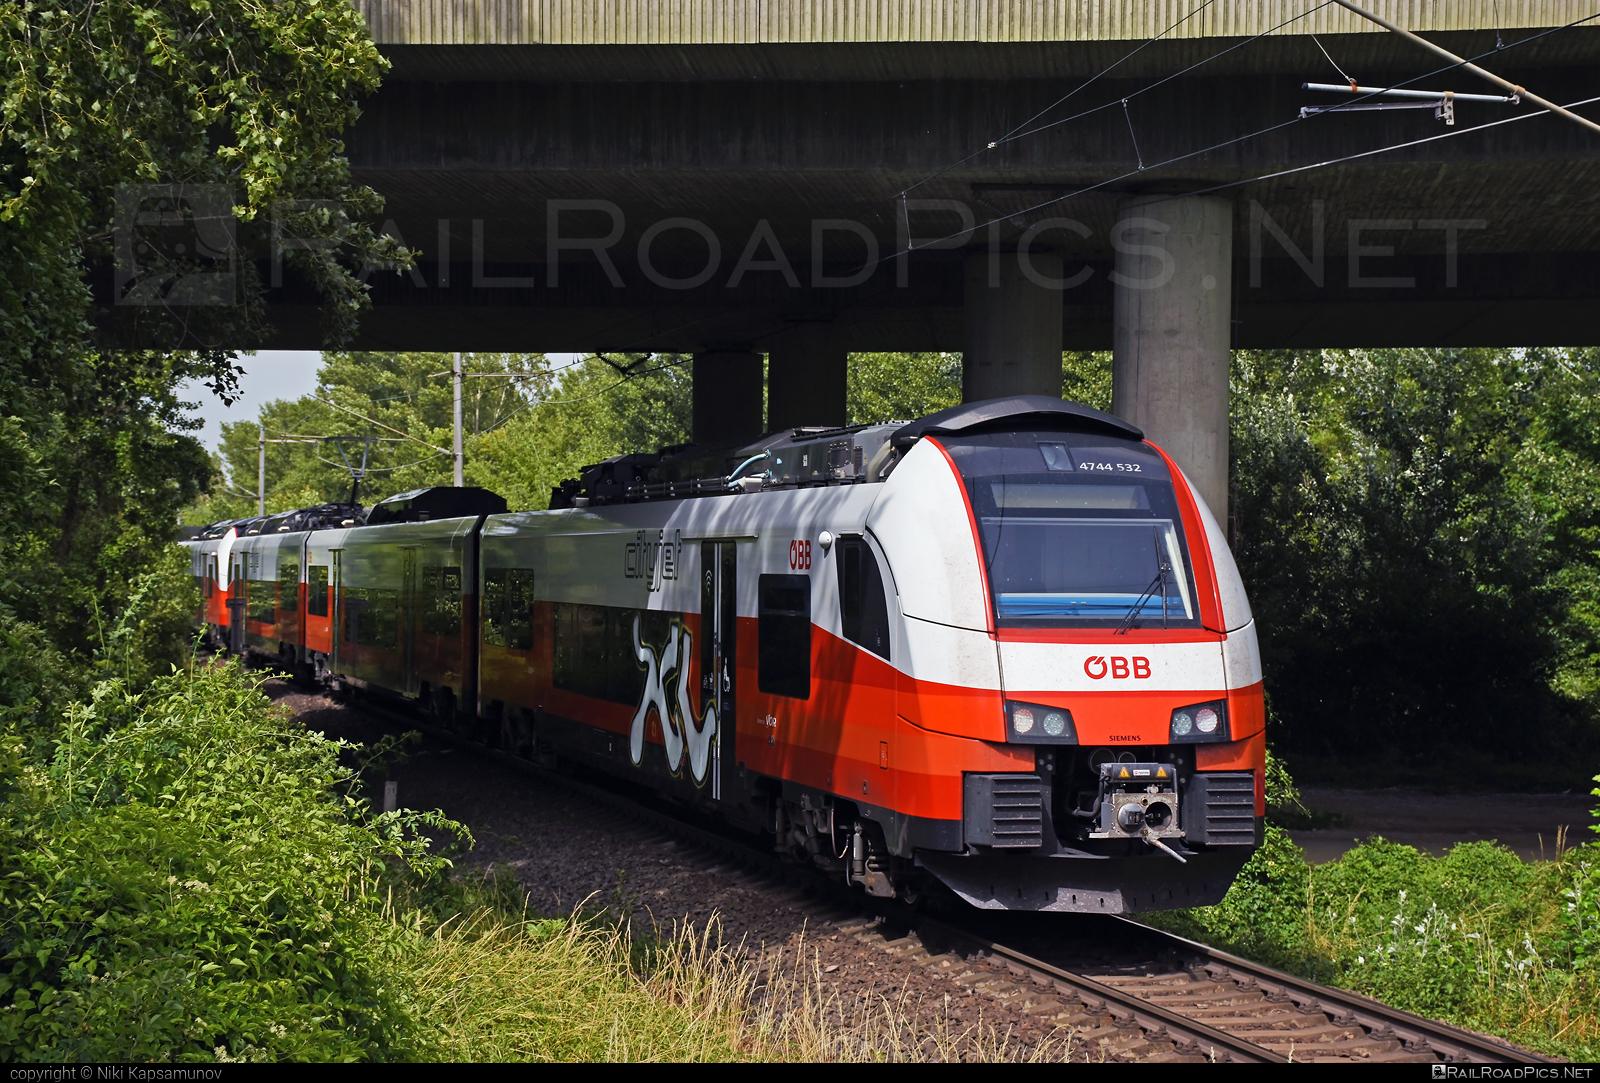 Siemens Desiro ML - 4744 532 operated by Österreichische Bundesbahnen #cityjet #desiro #desiroml #obb #obbcityjet #osterreichischebundesbahnen #siemens #siemensdesiro #siemensdesiroml